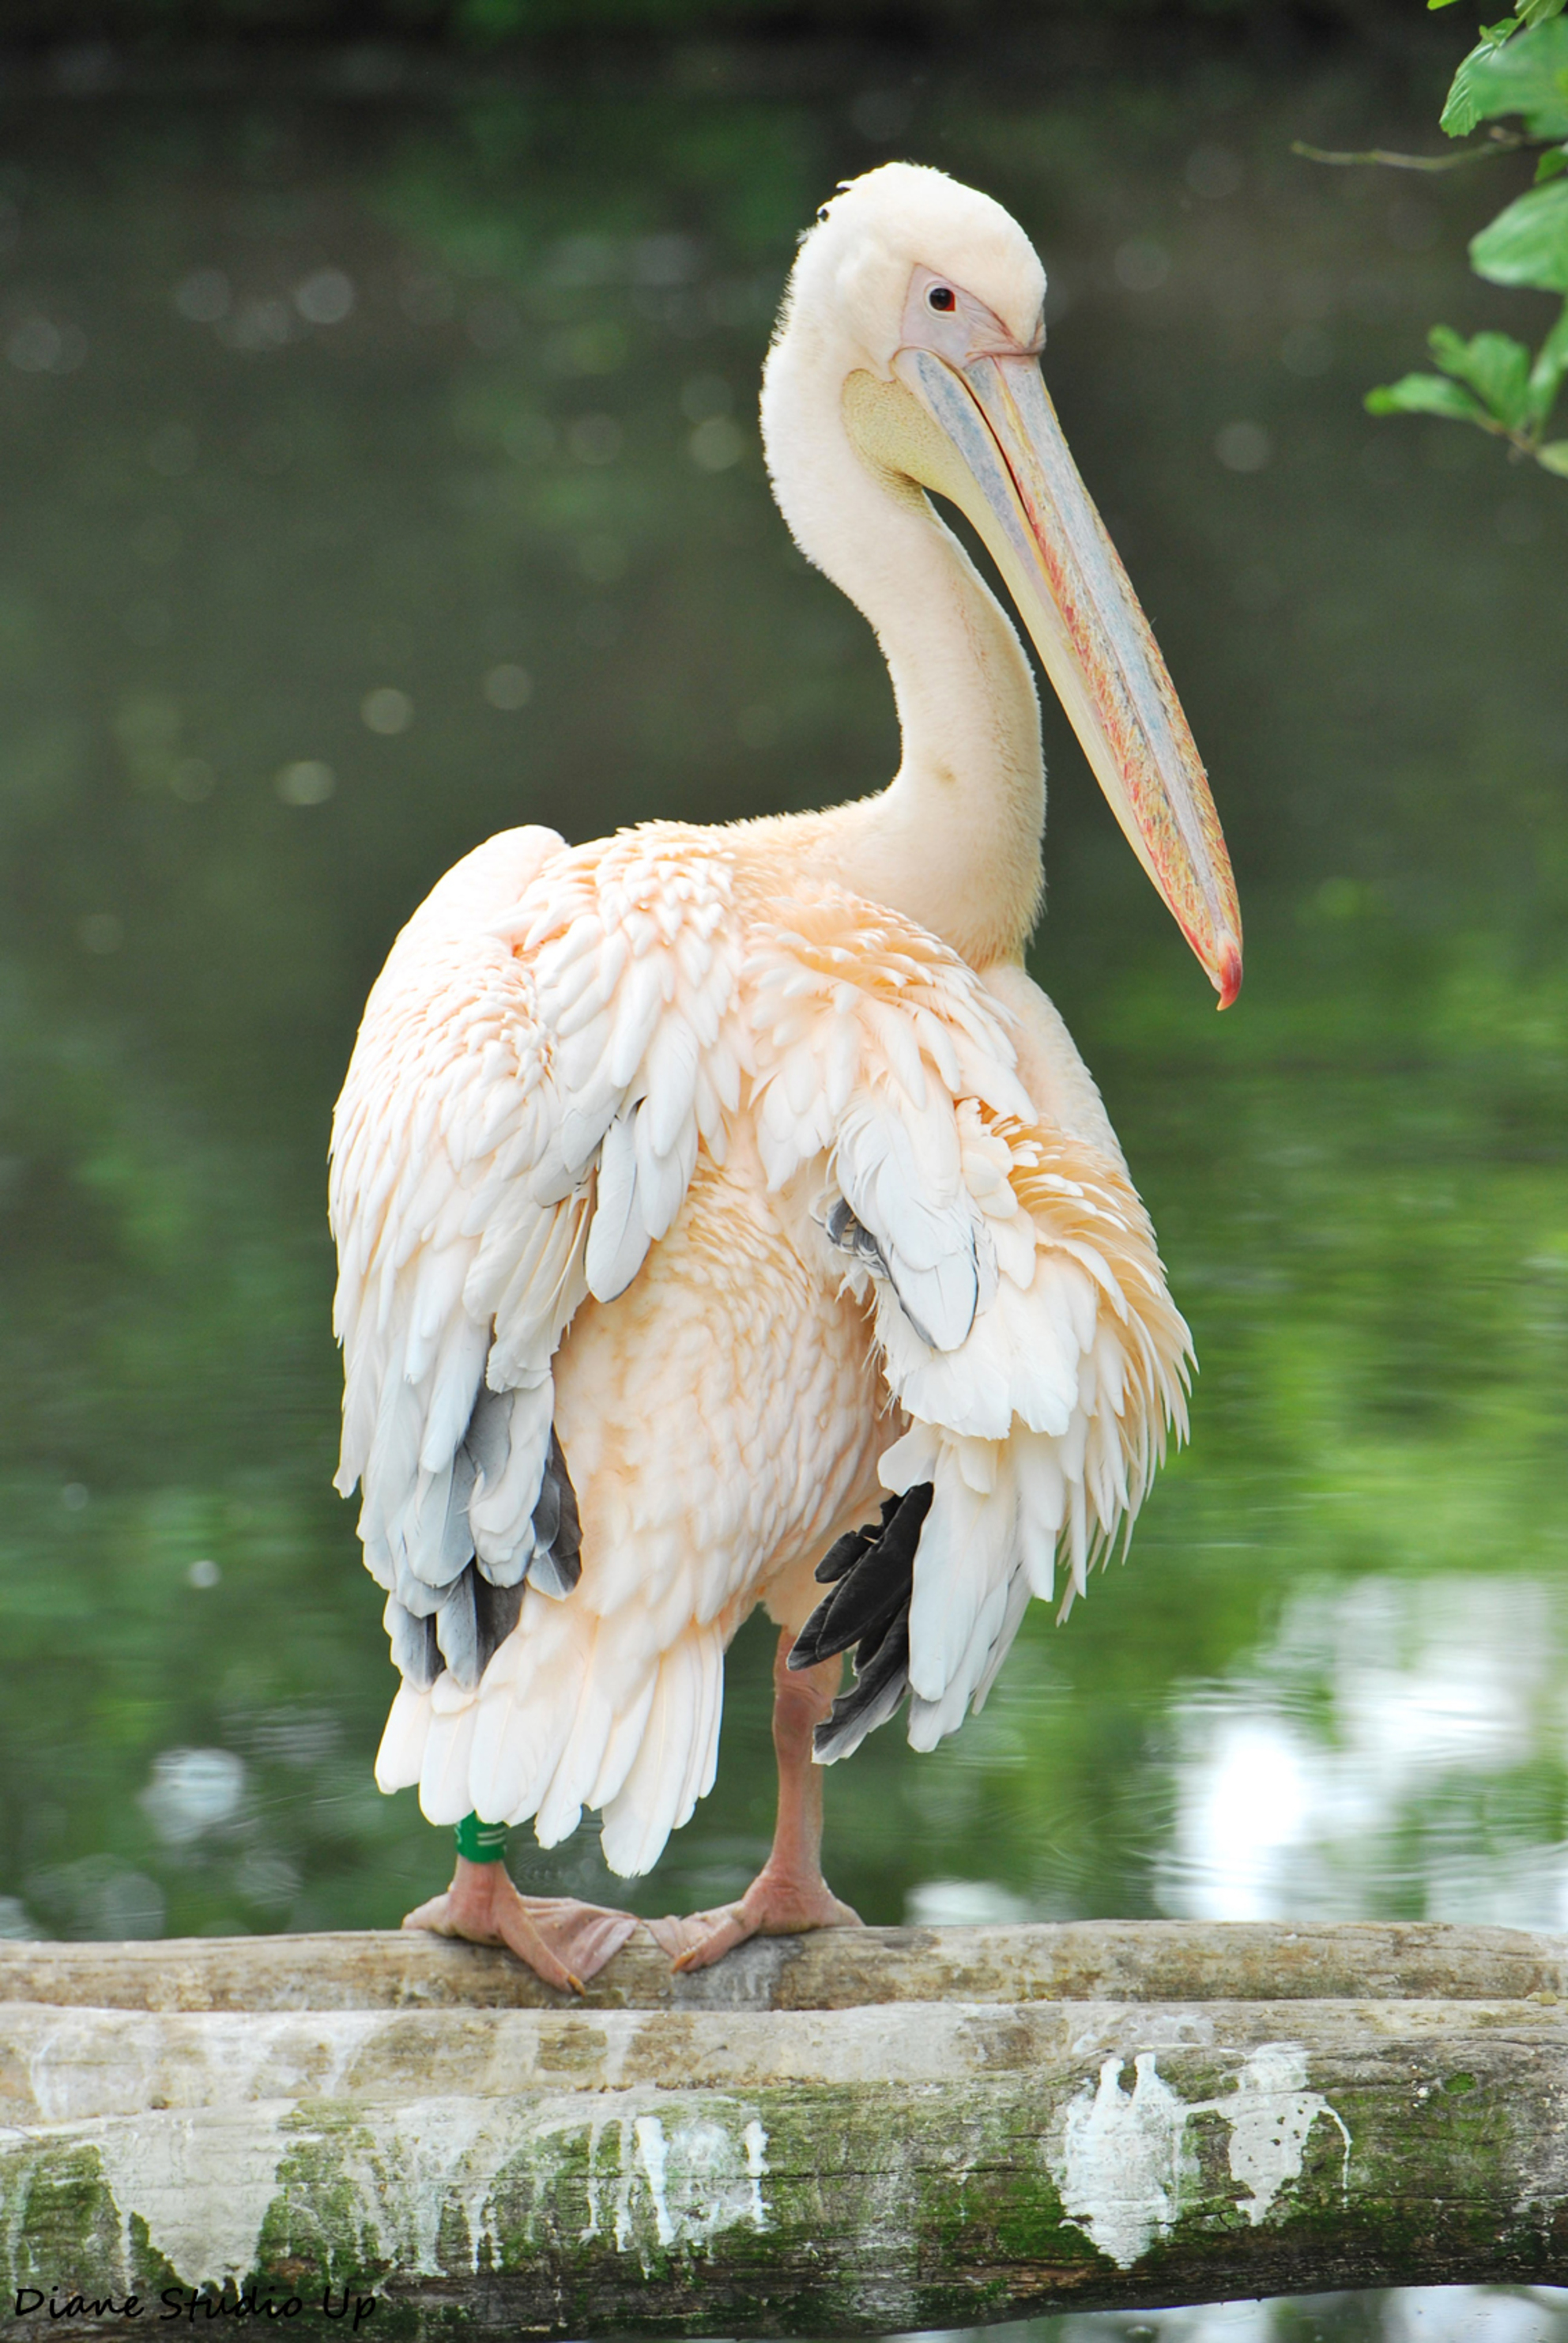 Pink Pelican - Een pelikaan in Aqua Zoo Friesland was zo vriendelijk om even voor me op te kijken...  16-06-2013 - foto door DianeStudioUp op 06-07-2013 - deze foto bevat: pelikaan, up, nikon, studio, aqua, zoo, friesland, diane, d60 - Deze foto mag gebruikt worden in een Zoom.nl publicatie